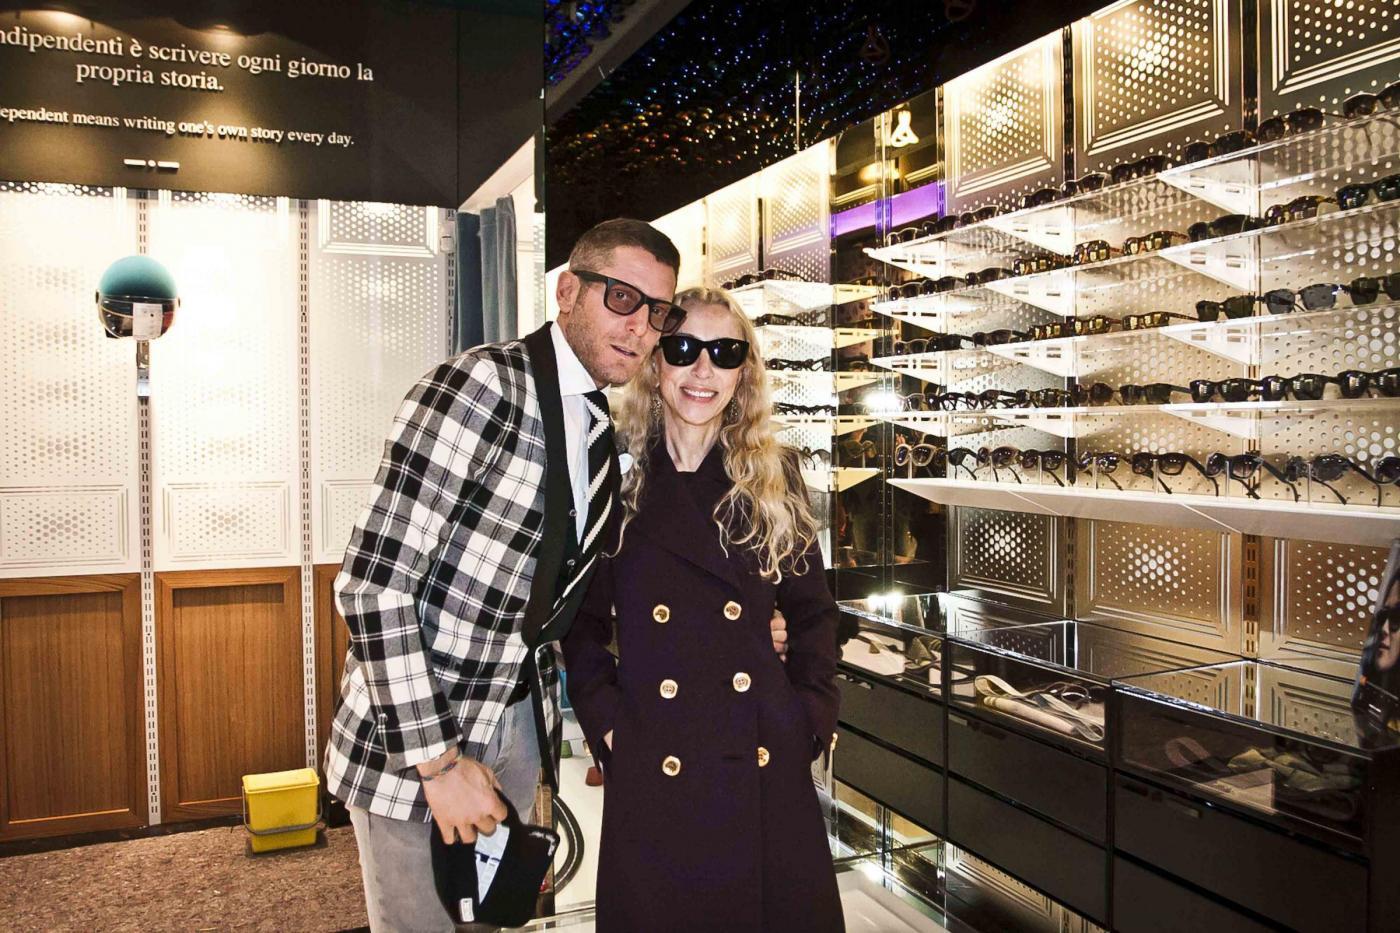 Lapo Elkann, Franca Sozzani all'inaugurazione del negozio di Milano06